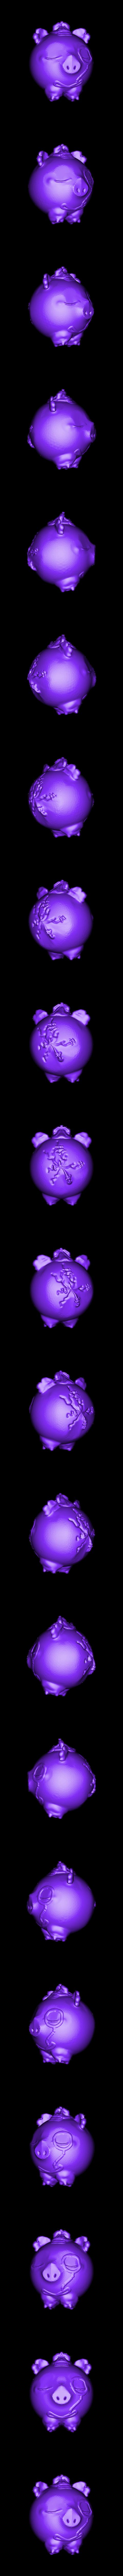 cochonou.obj Télécharger fichier OBJ gratuit Cochonou (cochon garçon série minitoys) • Design pour imprimante 3D, Majin59